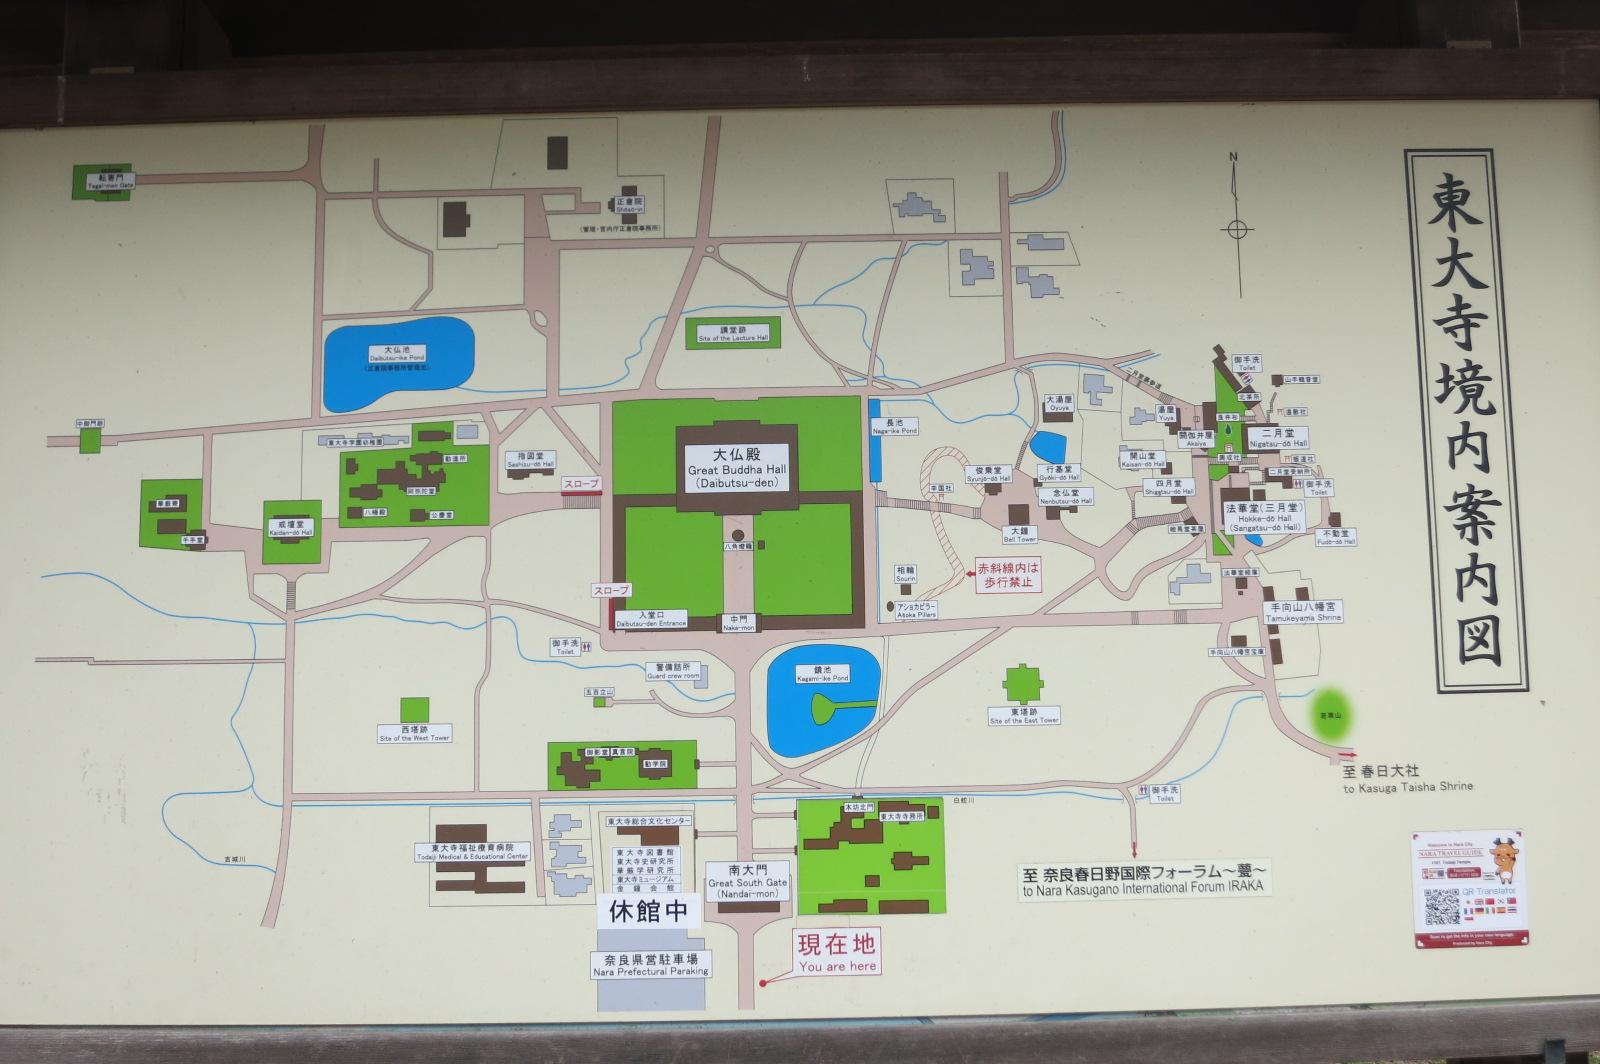 東大寺の境内案内図。本坊は南大門を通り抜けた直ぐ右手にあります。